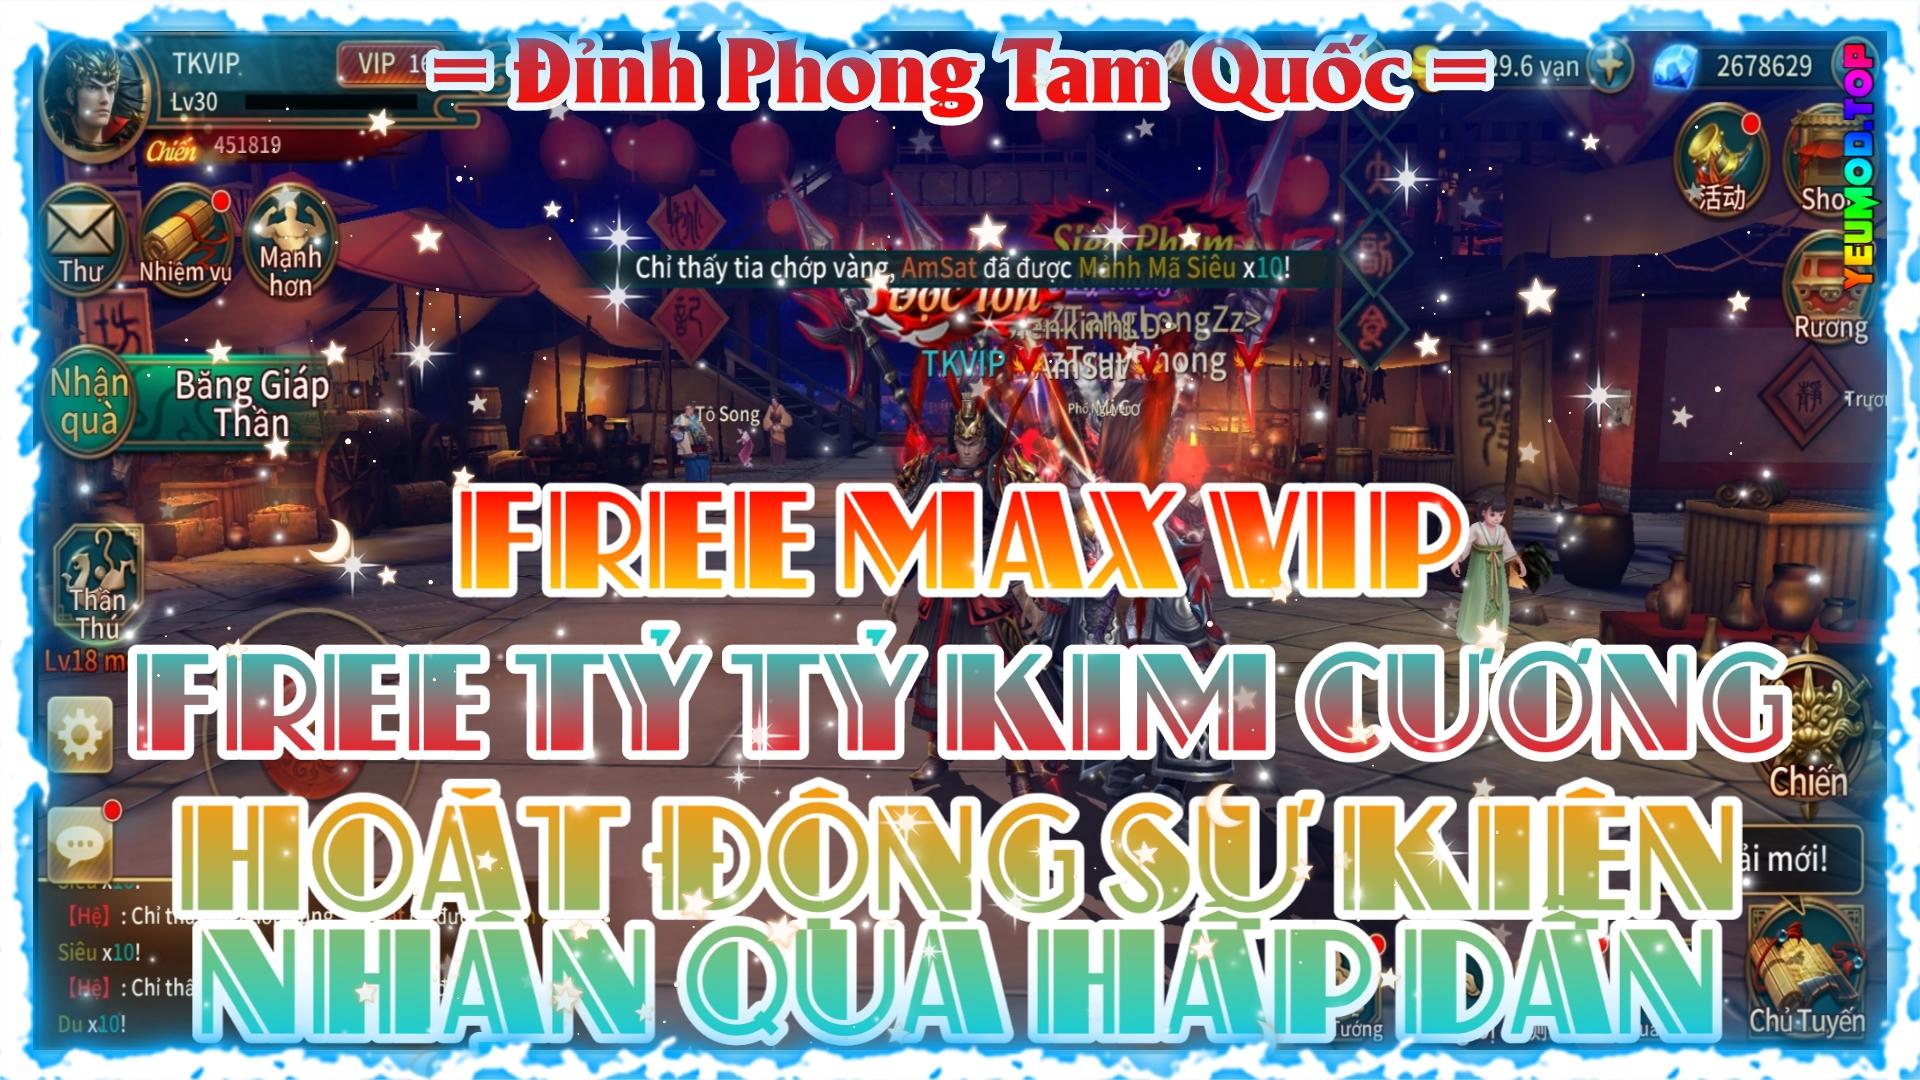 Đỉnh Phong Tam Quốc 3D Private Việt Hóa | Free Max VIP 16 | Free Tỷ Tỷ Kim Cương | Hoạt Động Sự Kiện Nhận Quà Hấp Dẫn 1